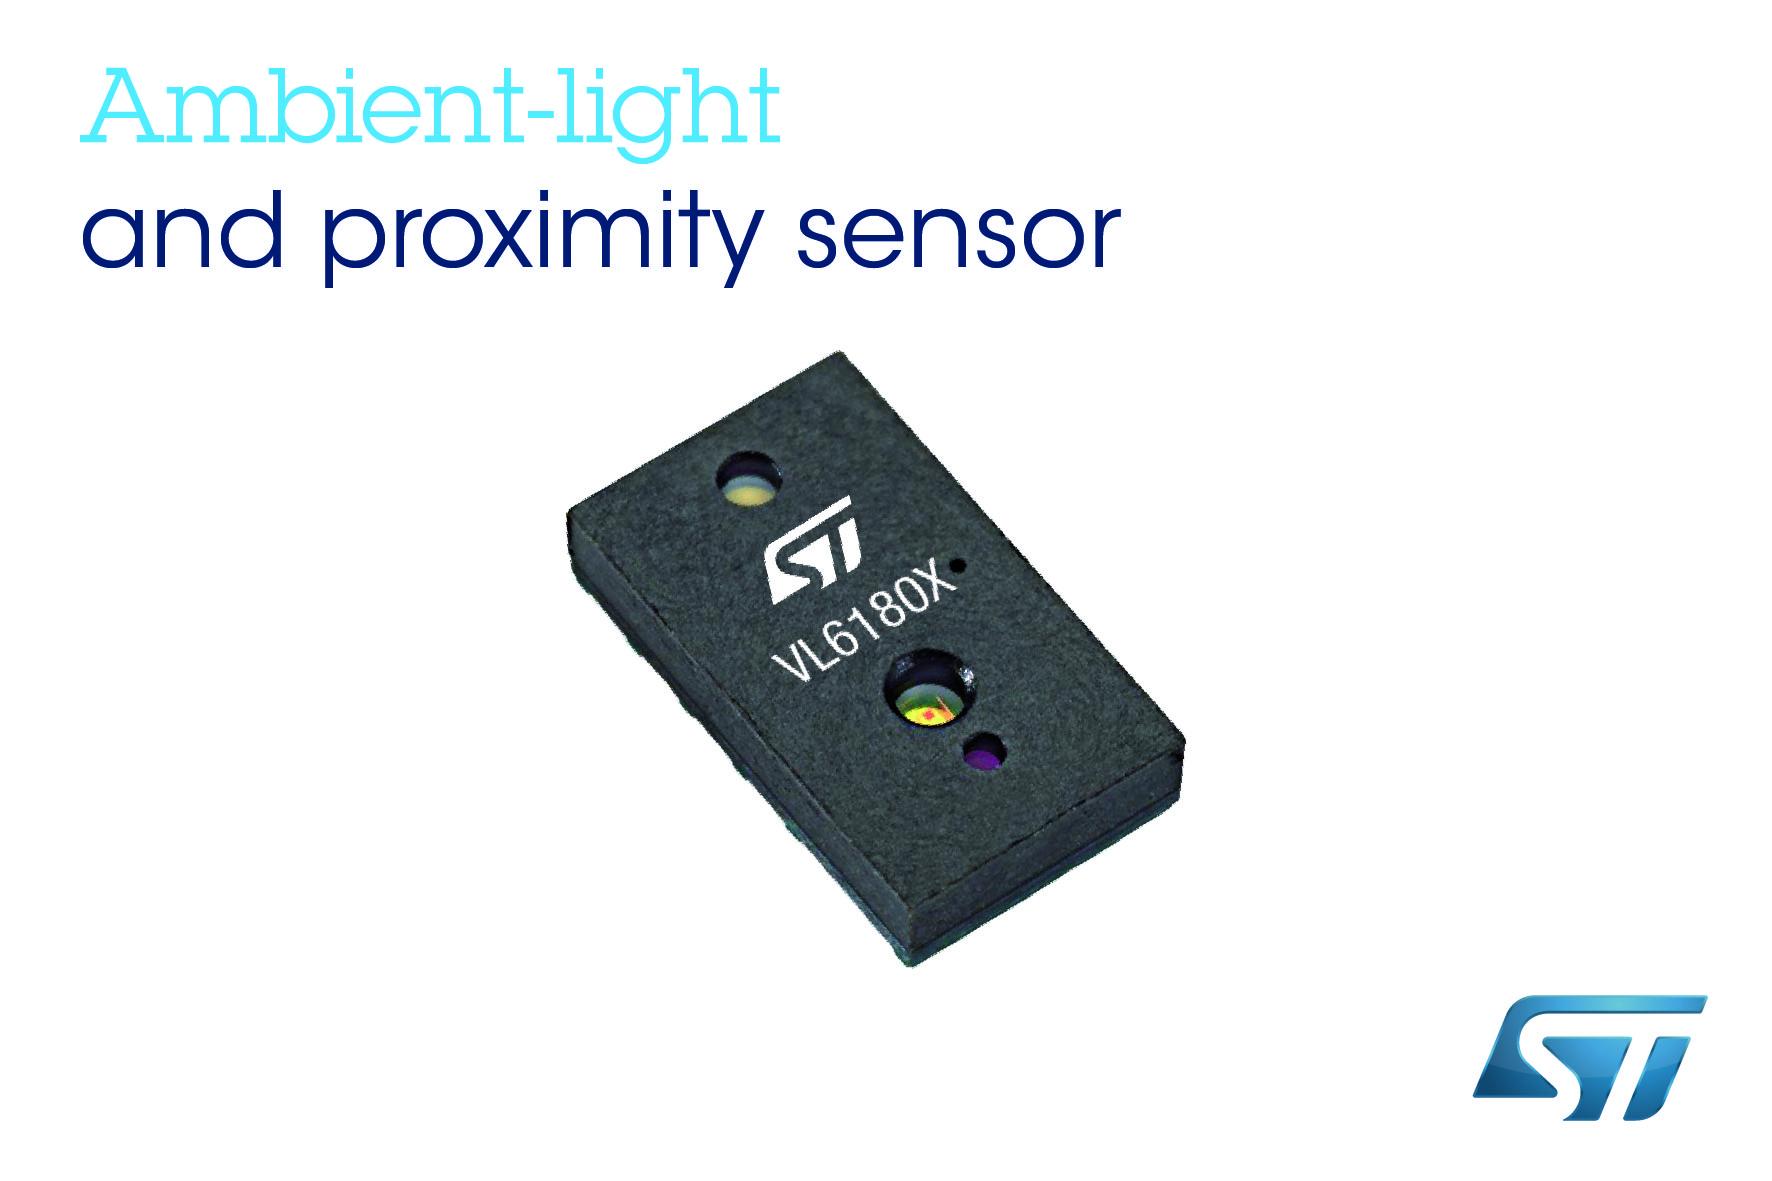 意法半导体推出新款高精度光学测距模块